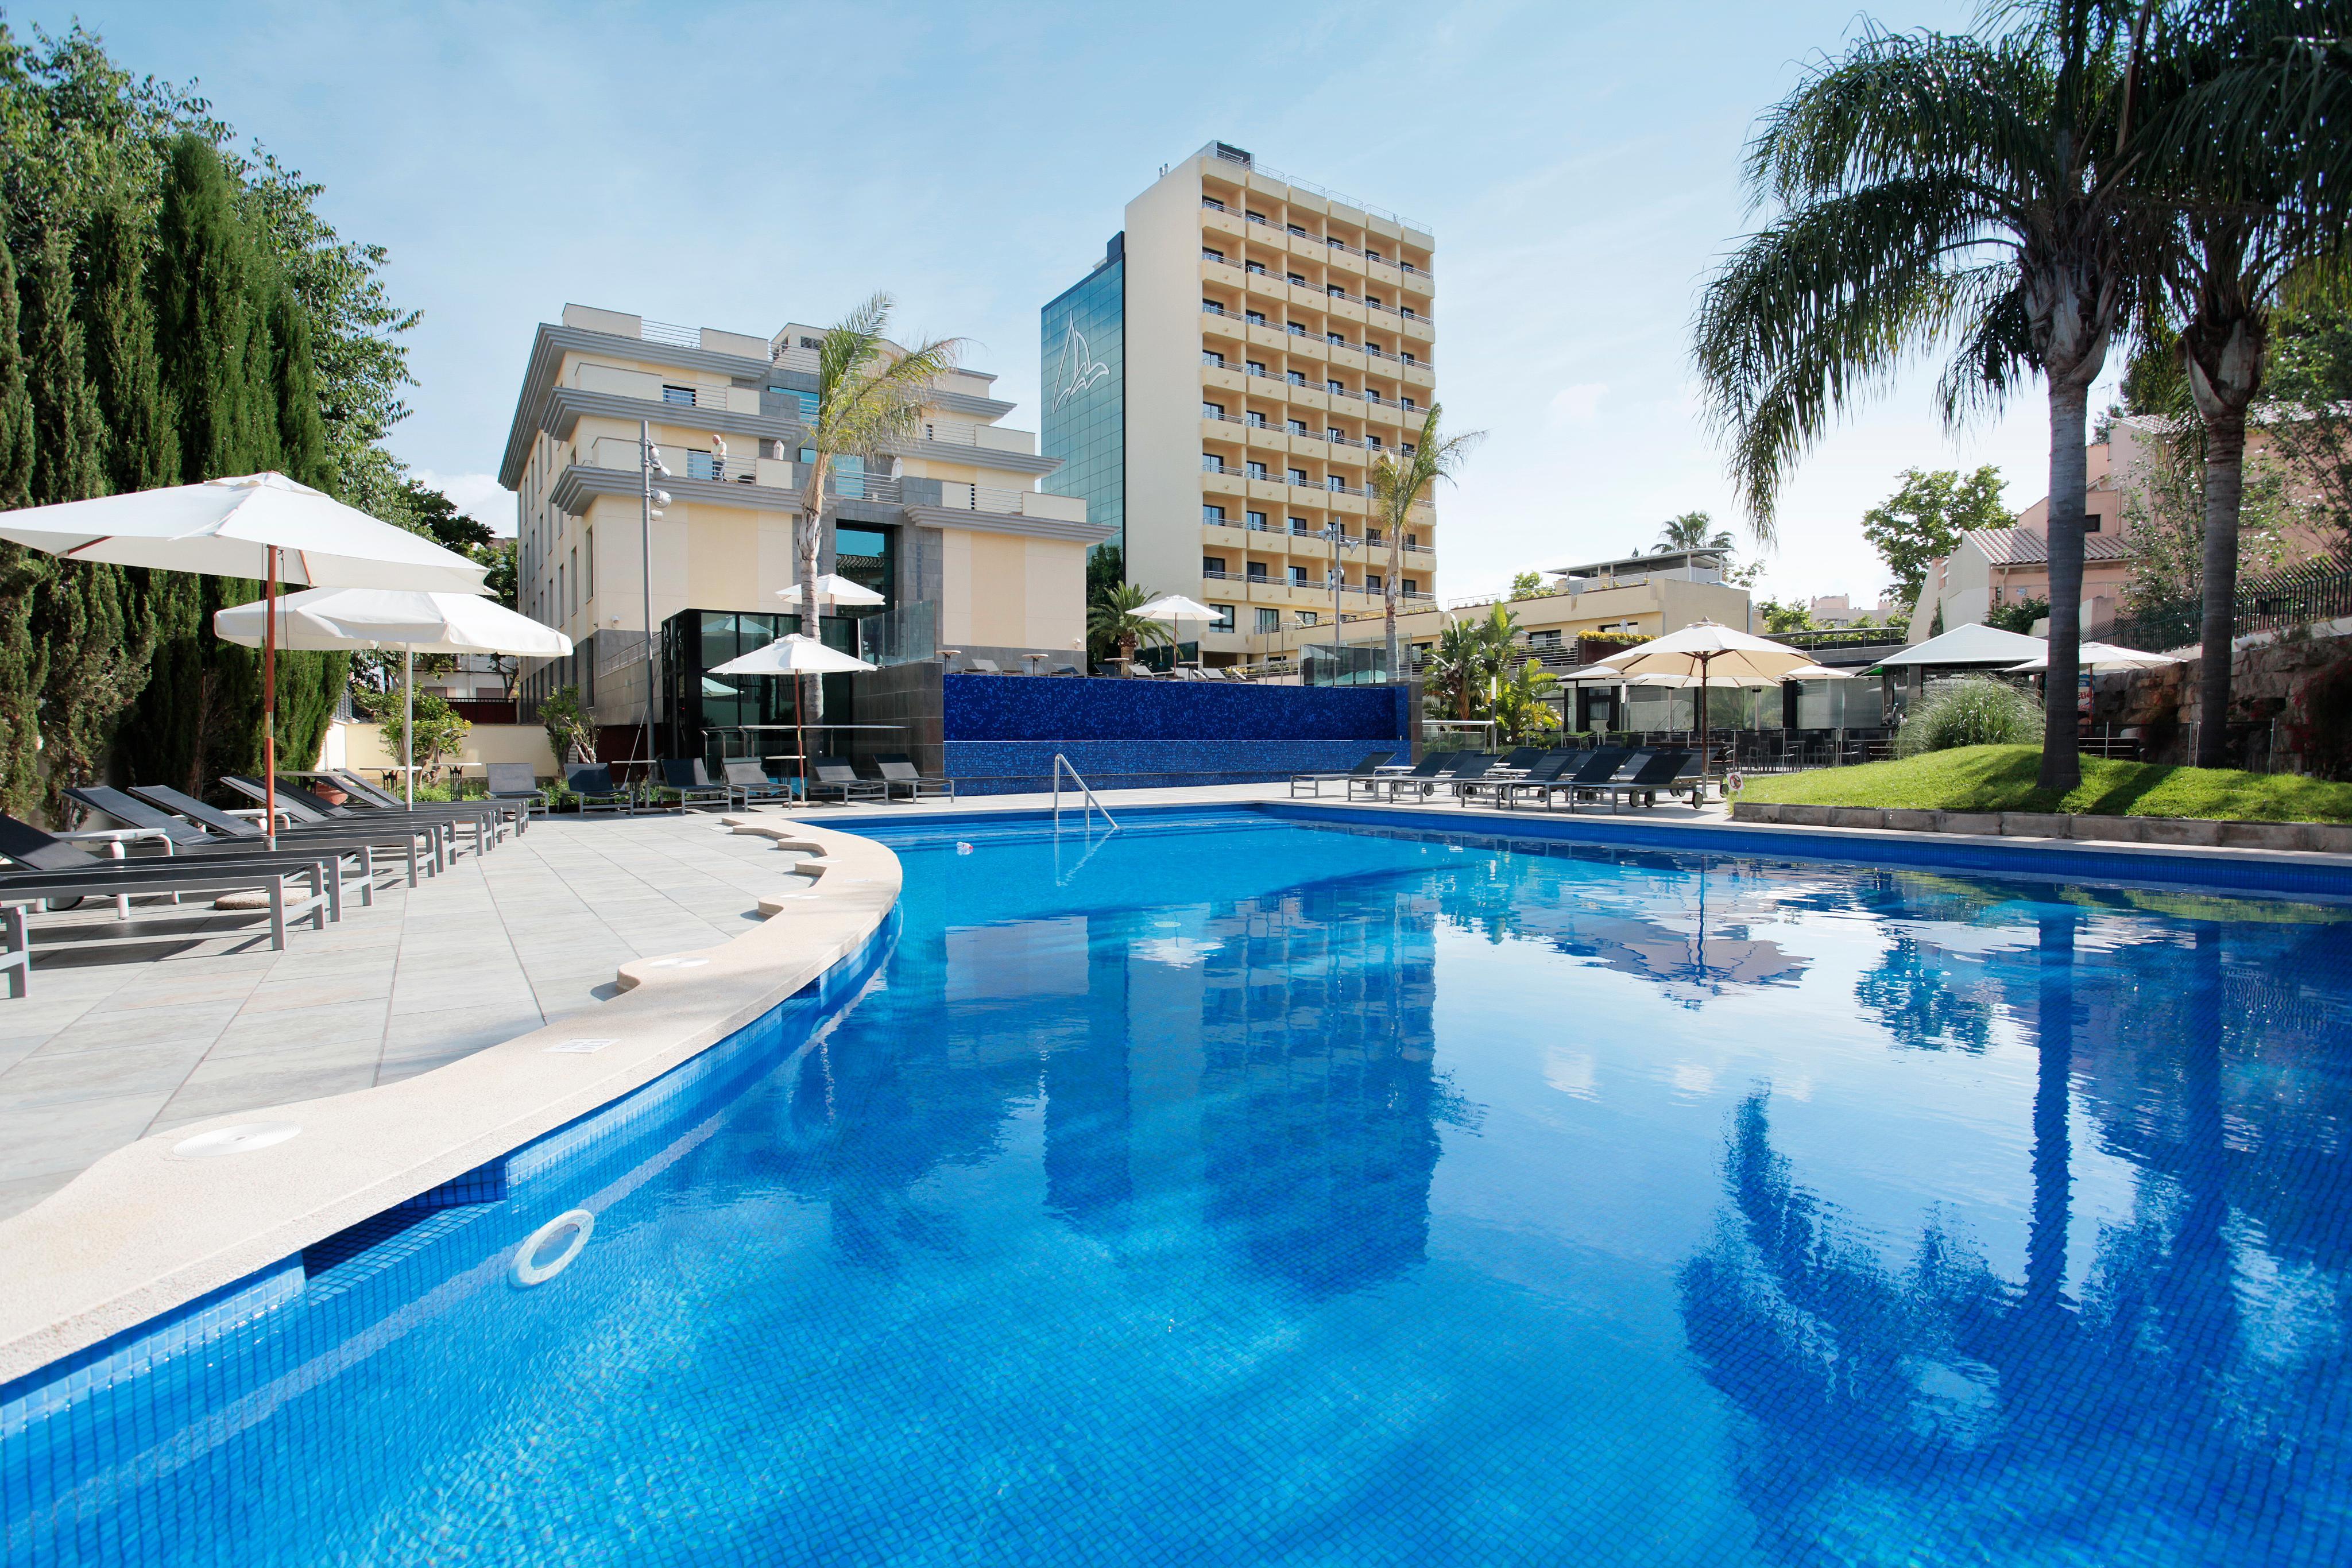 Hotel isla mallorca en palma de mallorca mallorca desde - Hotel 7 islas en madrid ...